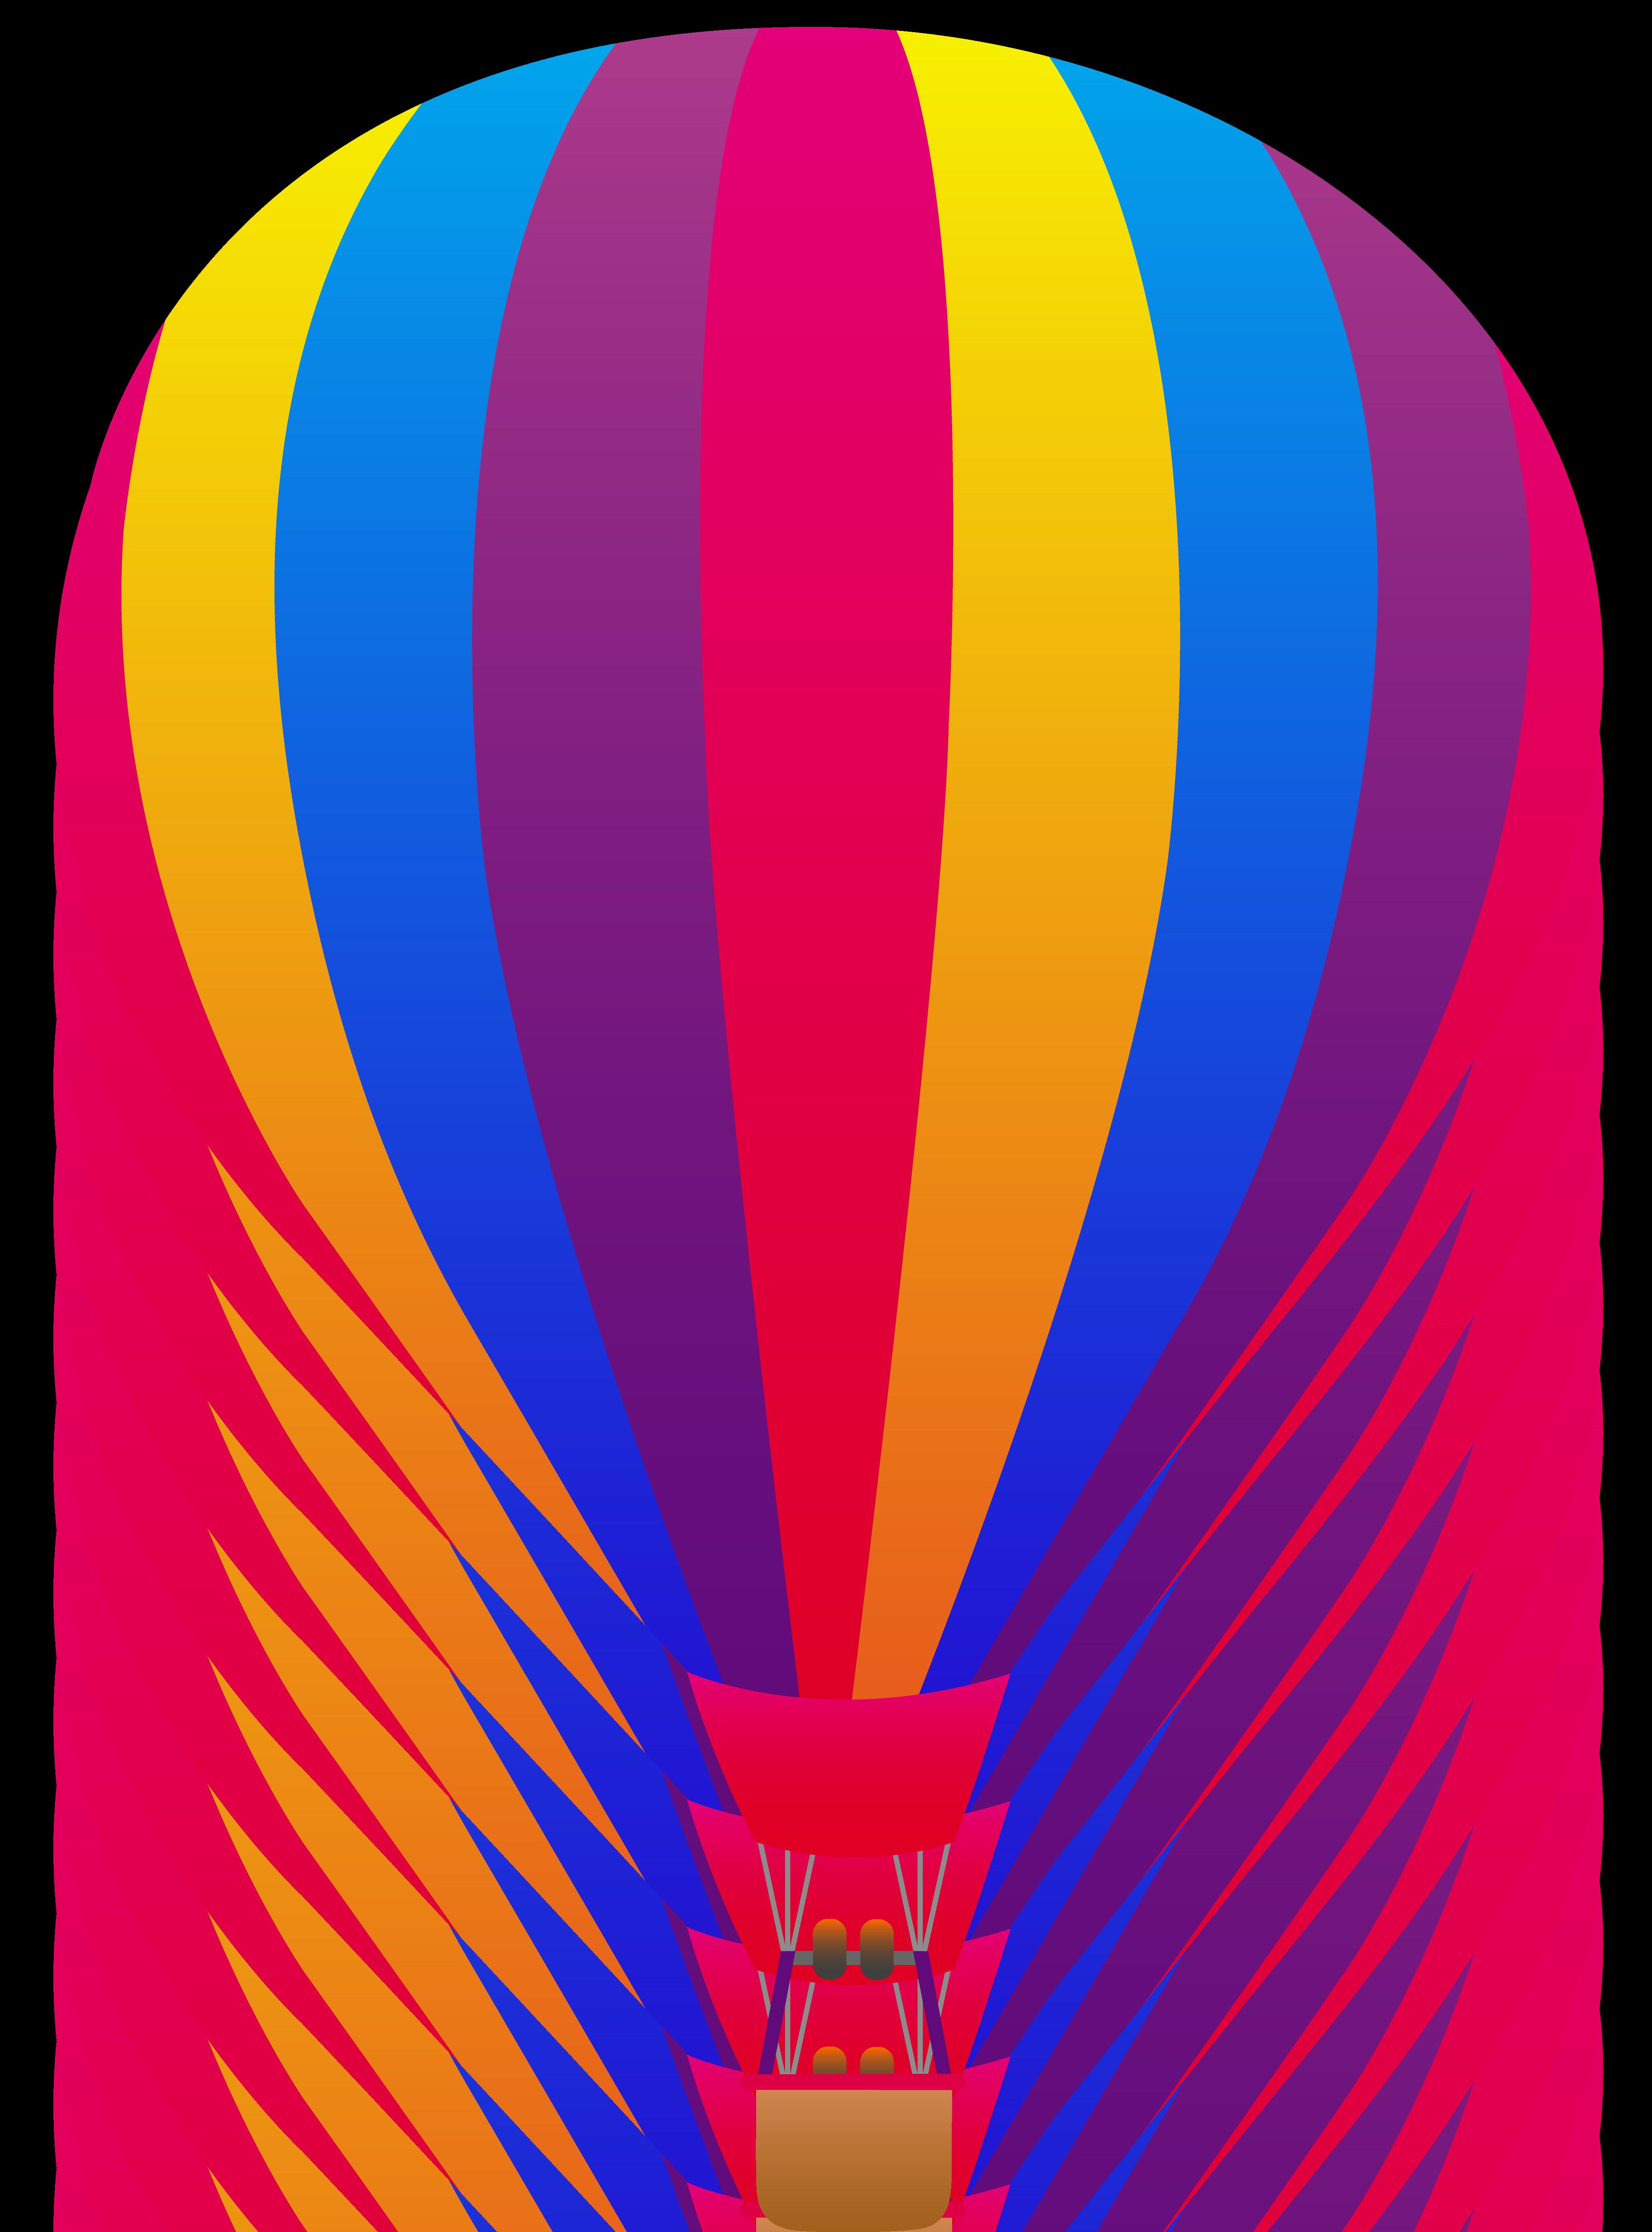 4114x5559 Neon Striped Hot Air Balloon